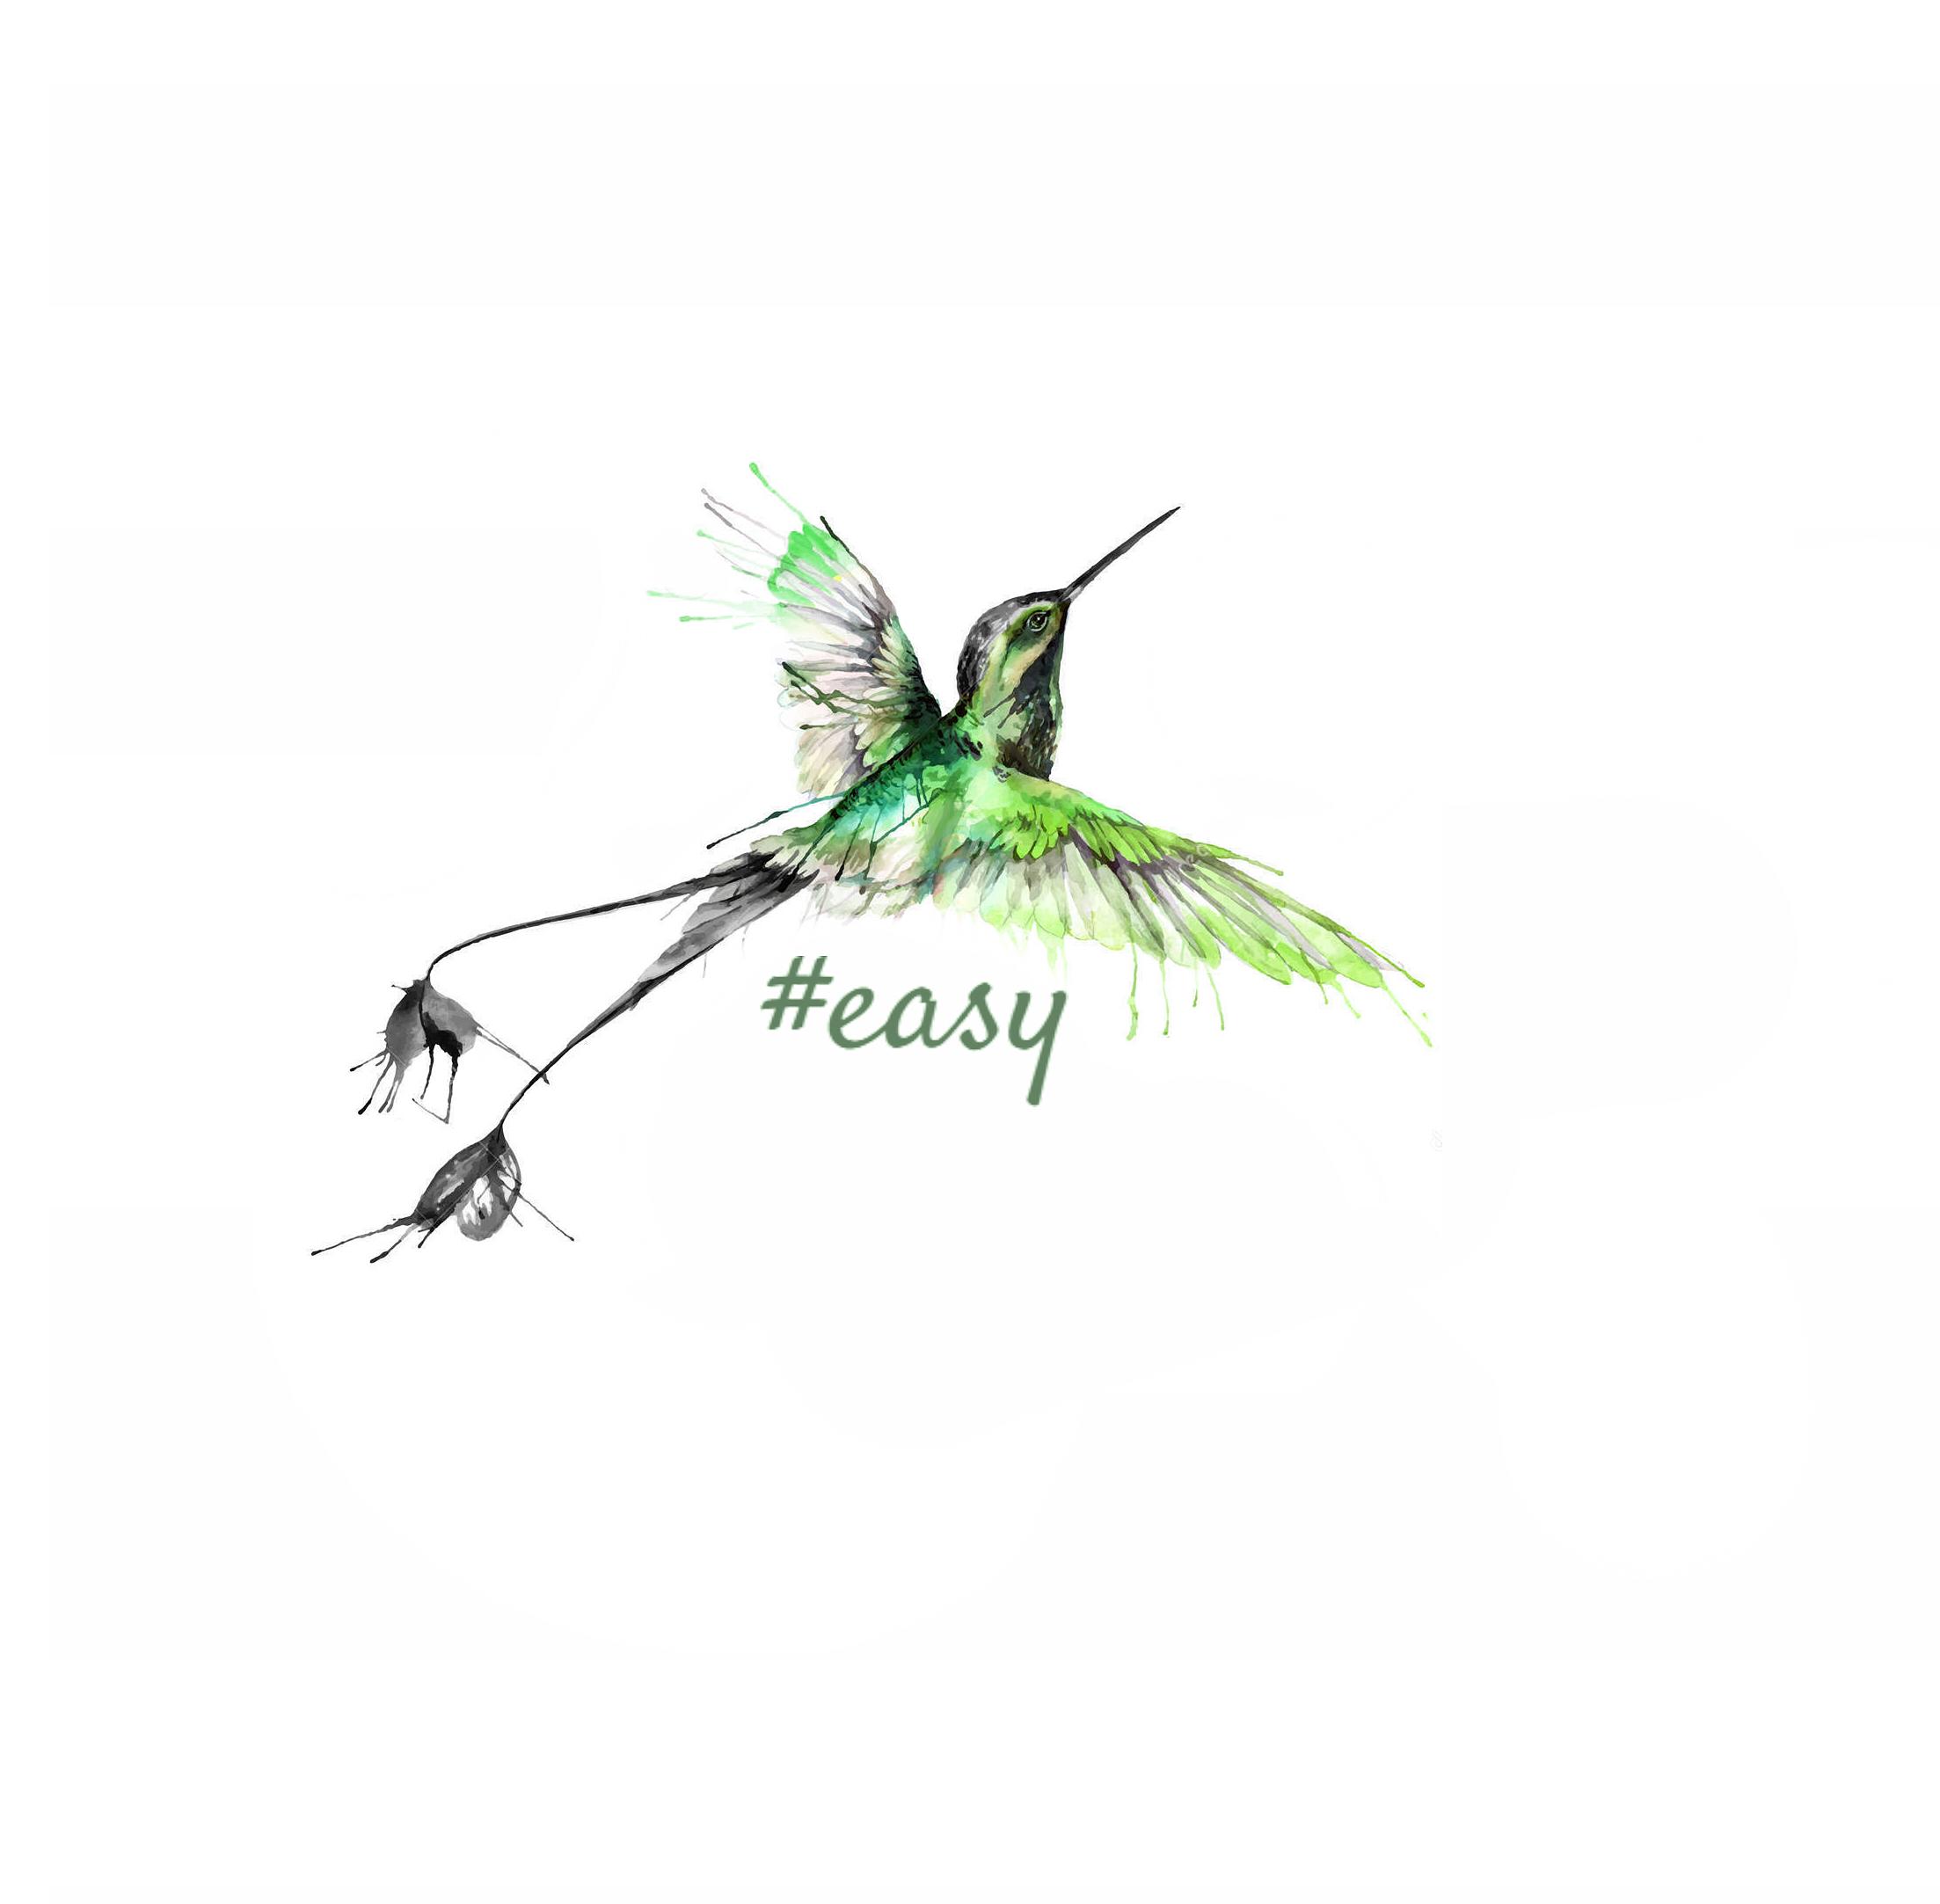 Разработка логотипа в виде хэштега #easy с зеленой колибри  фото f_3825d4e7d2458198.jpg